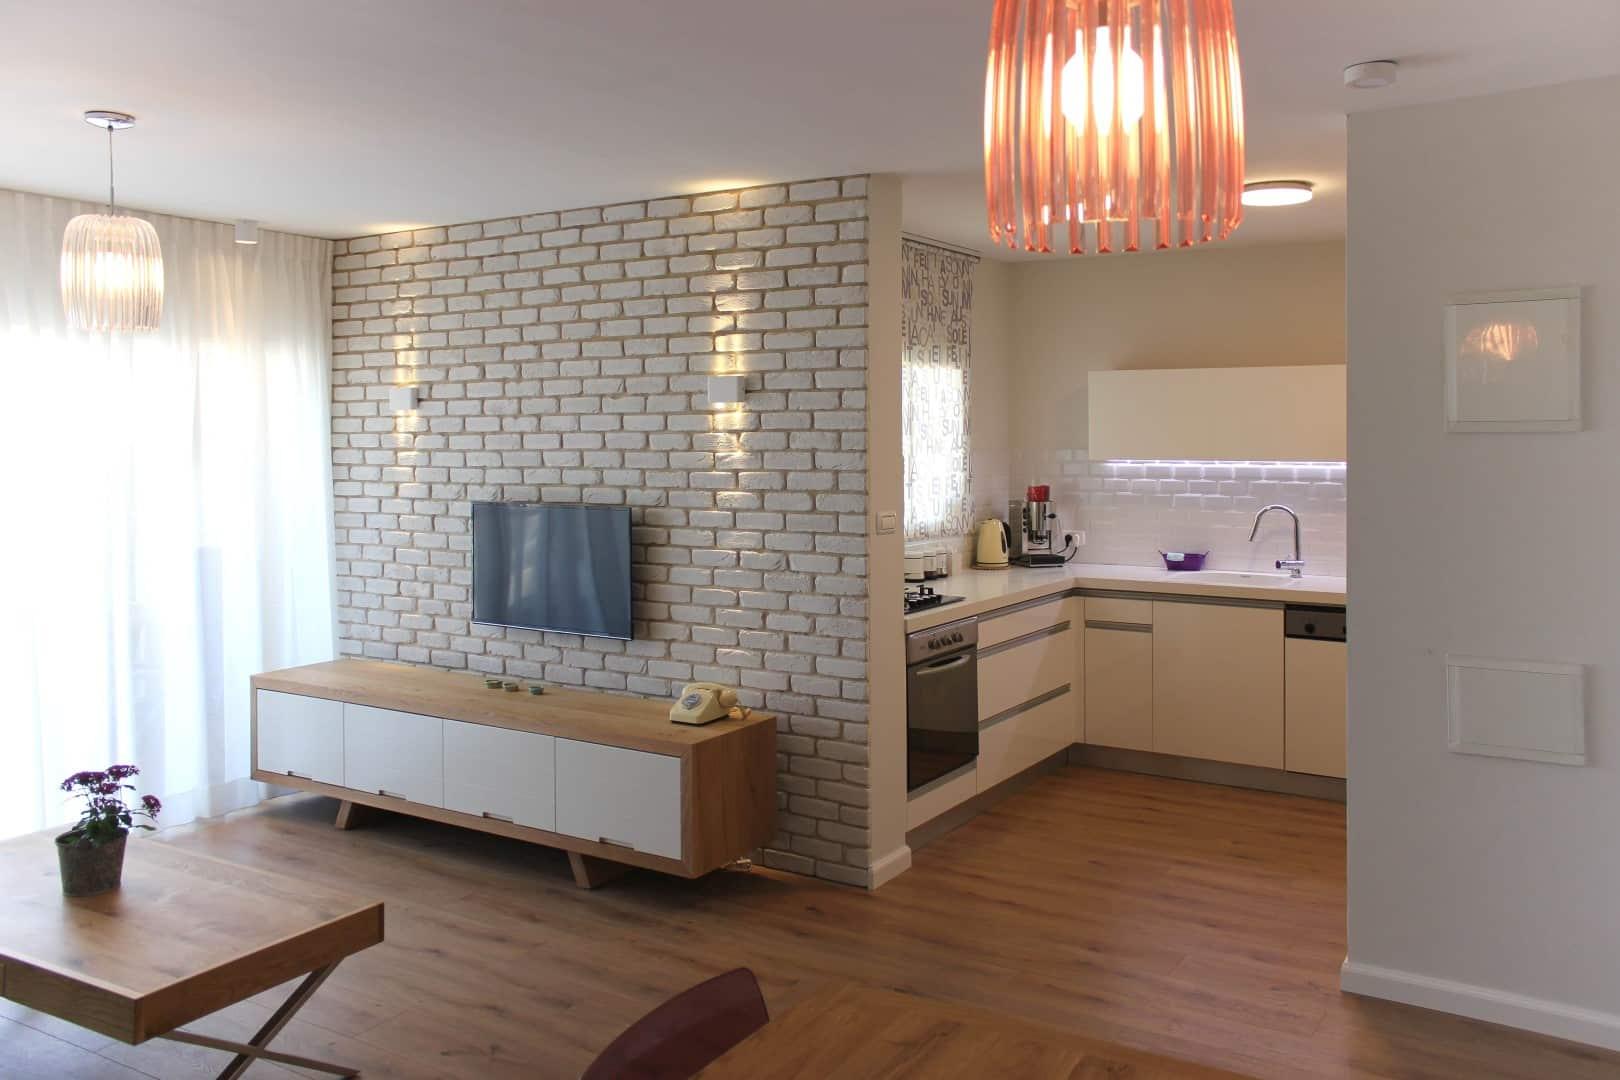 עיצוב דירות קטנות, דירה קטנה בחולון, ענבל קרקו עיצוב פנים ופנג שואי